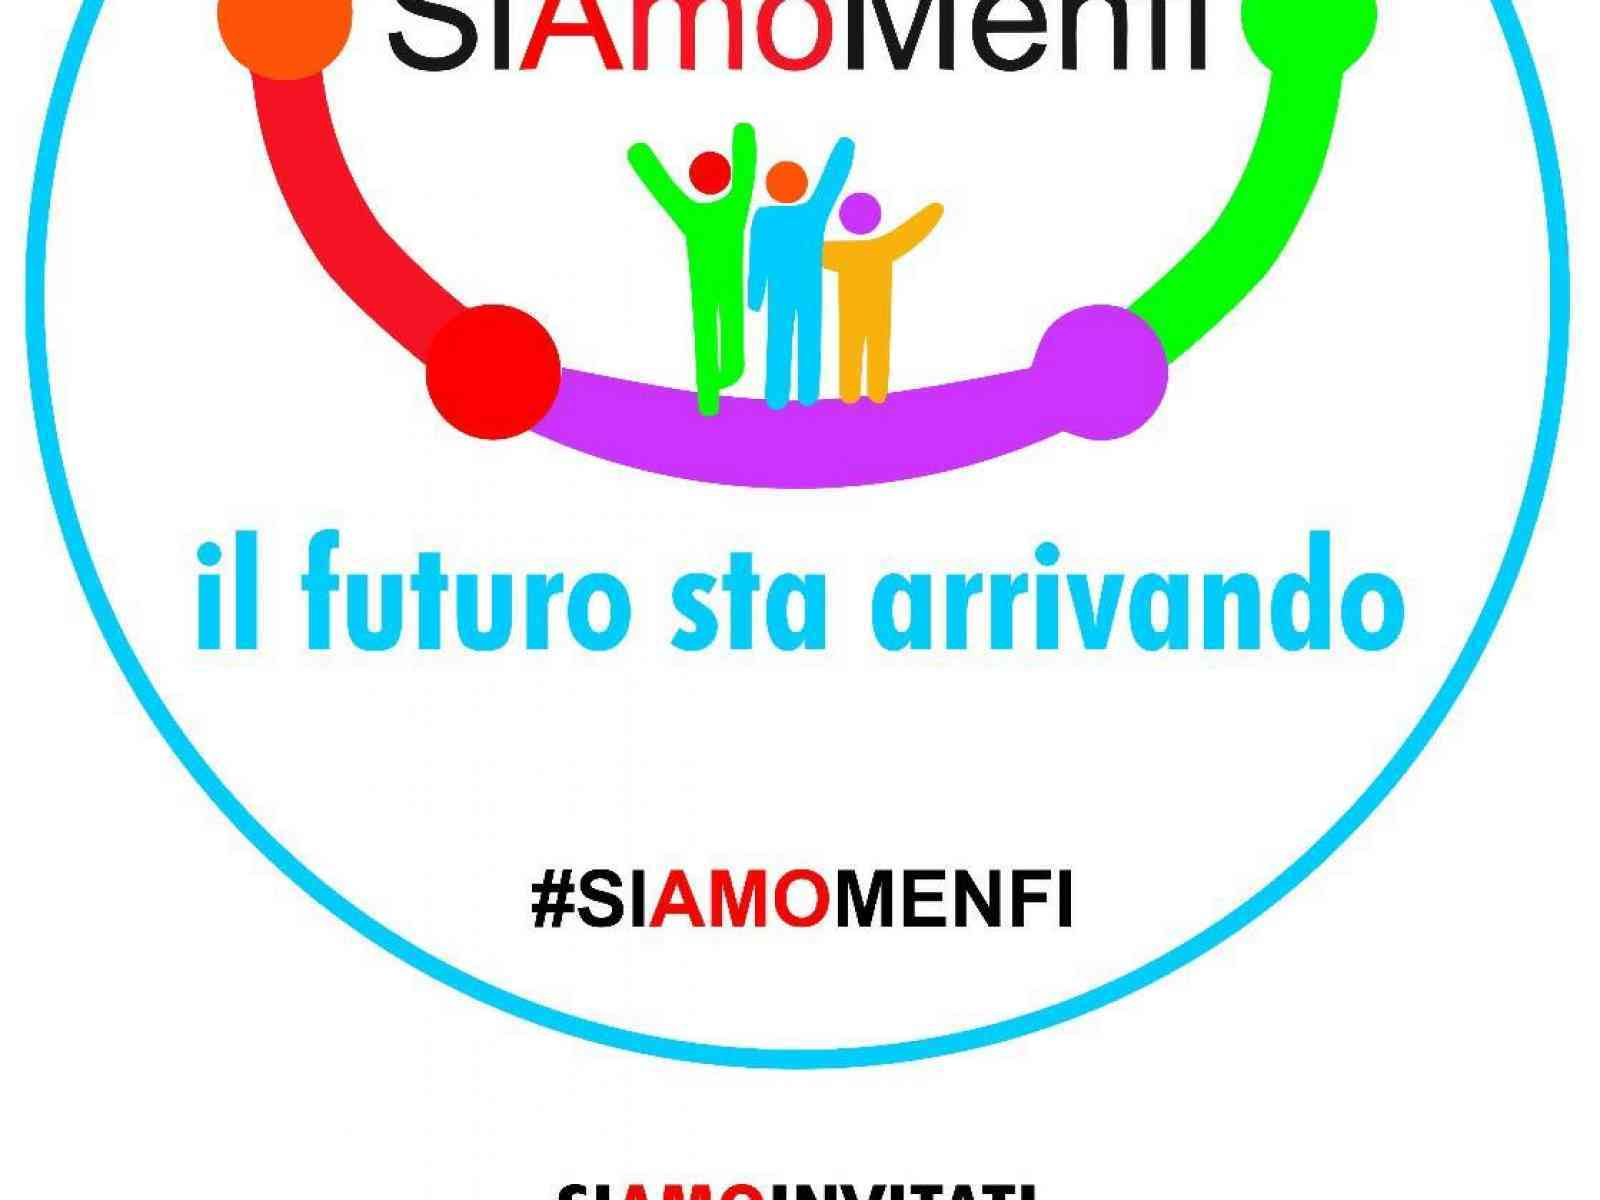 Menfi. Amministrative: Sabato, il movimento #SiAmoMenfi inaugura la sede elettorale in Via della Vittoria